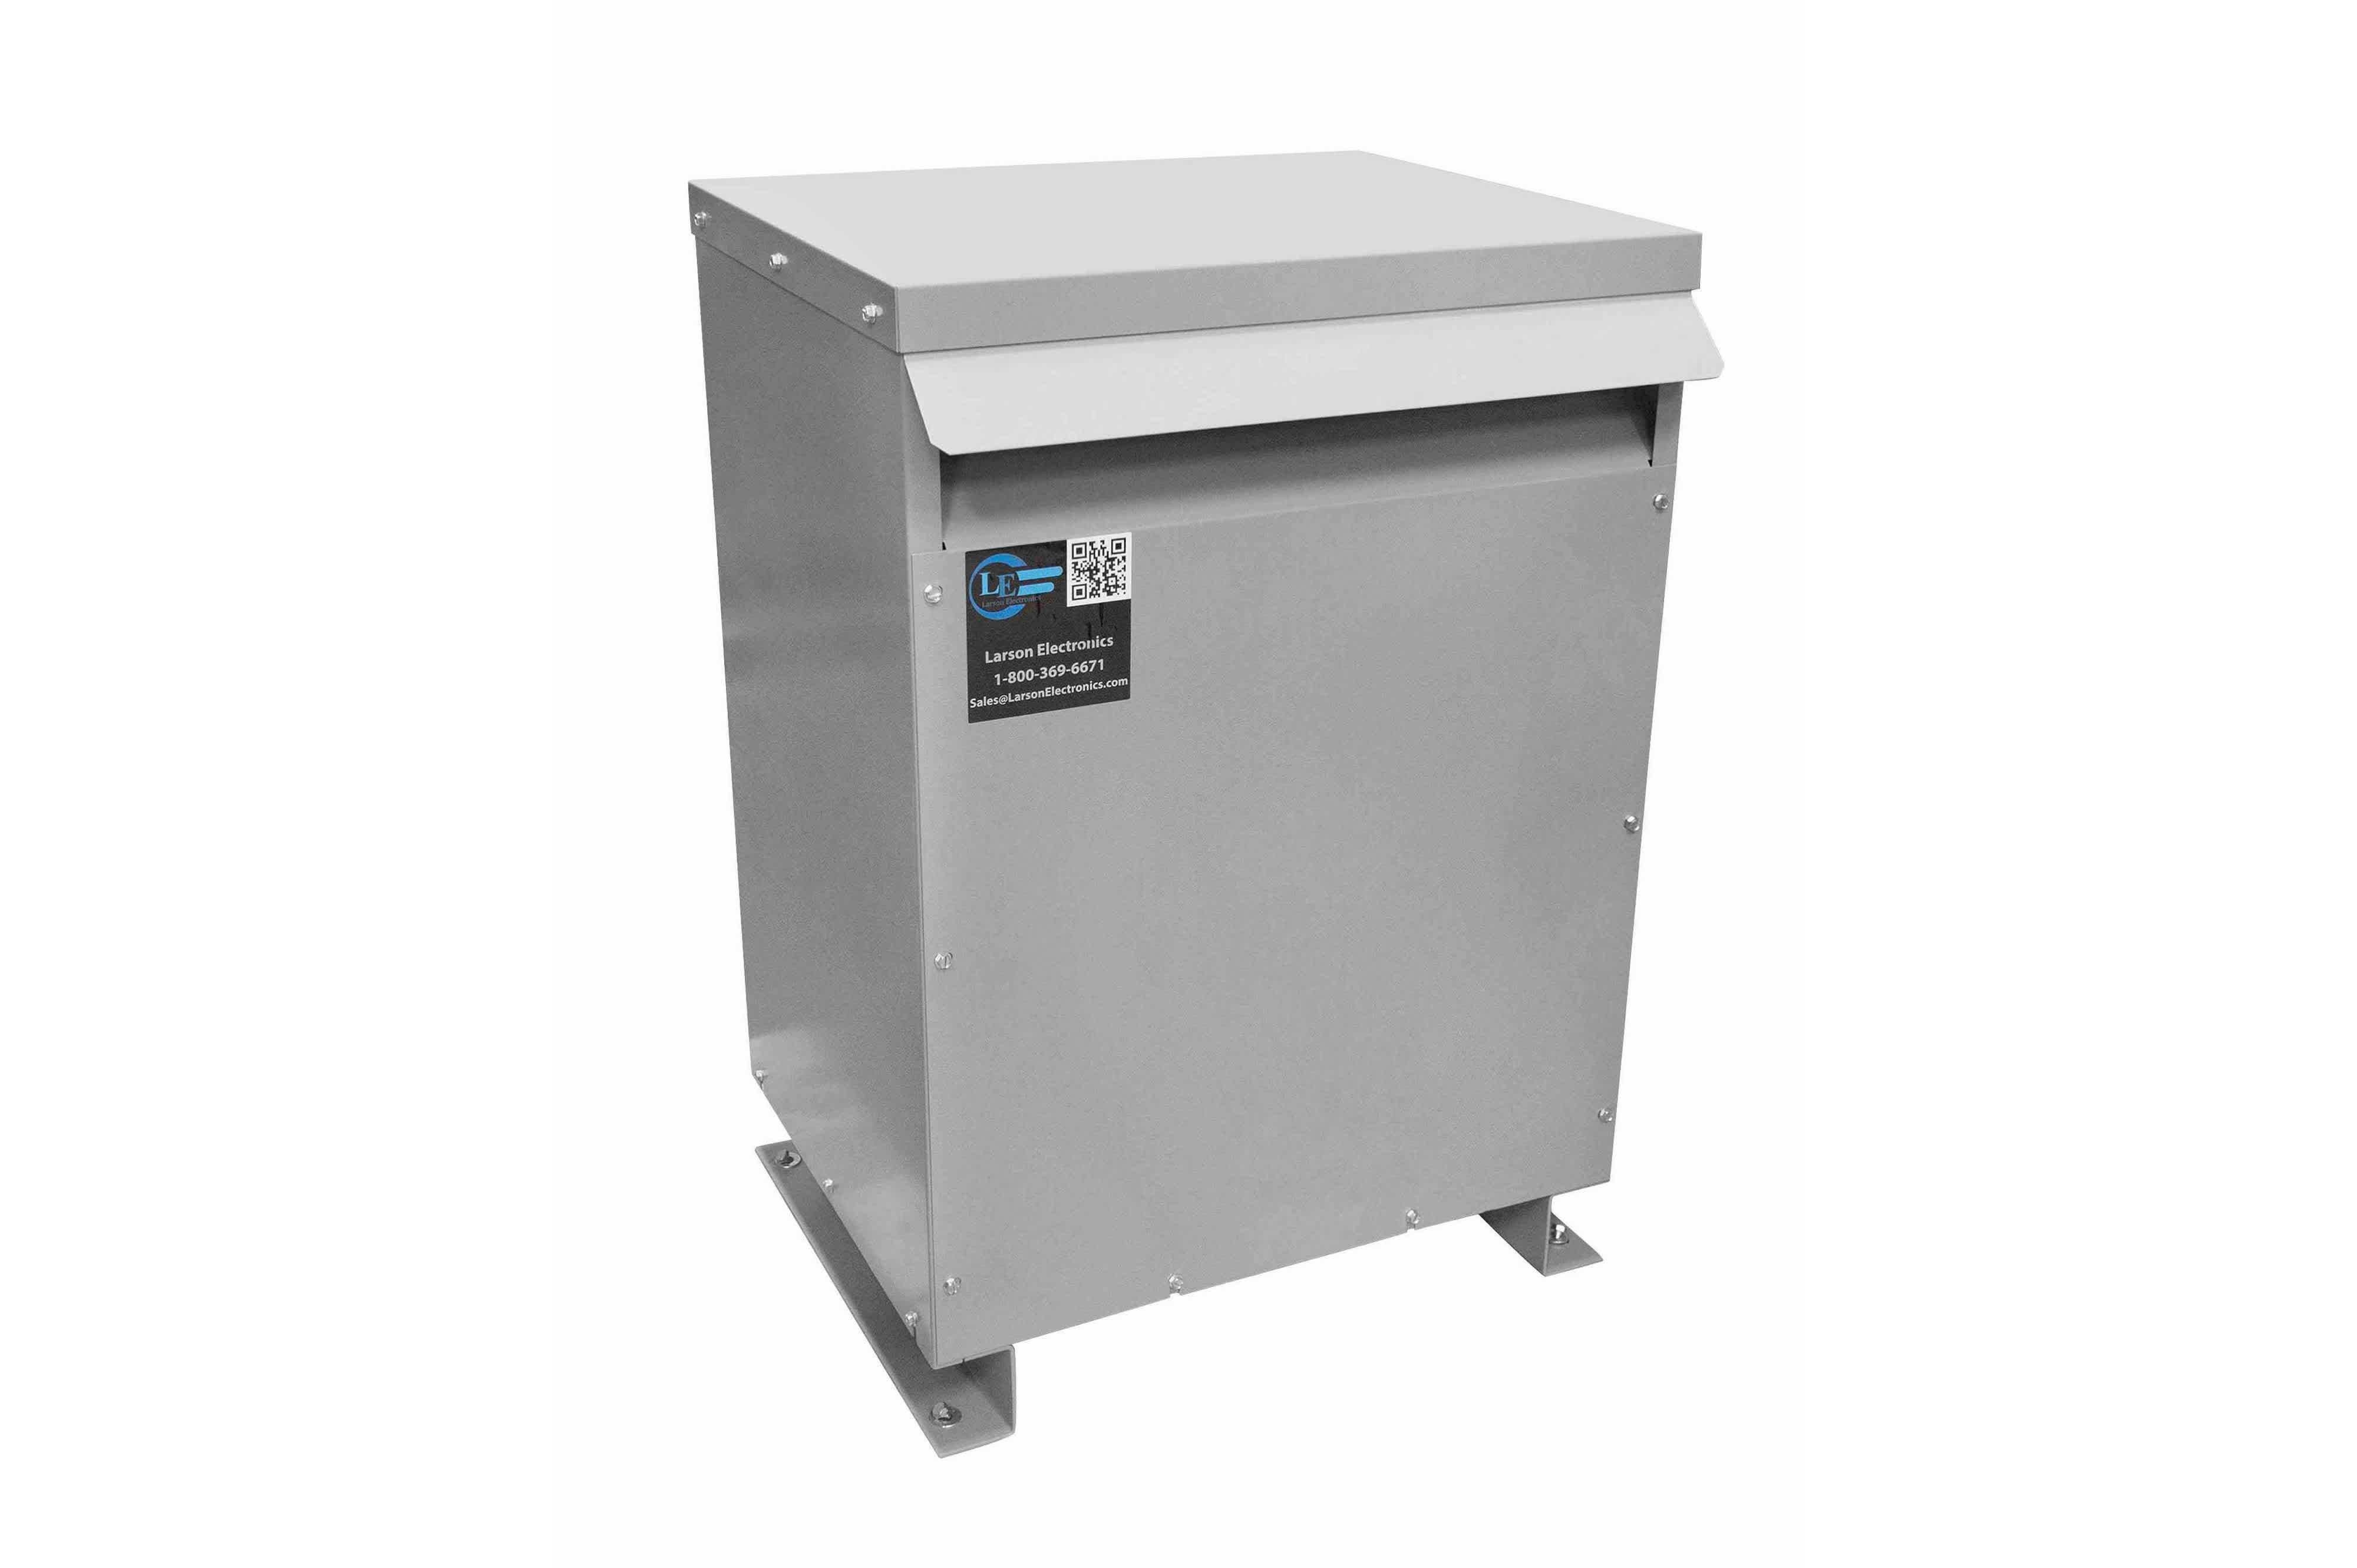 26 kVA 3PH Isolation Transformer, 208V Delta Primary, 240 Delta Secondary, N3R, Ventilated, 60 Hz